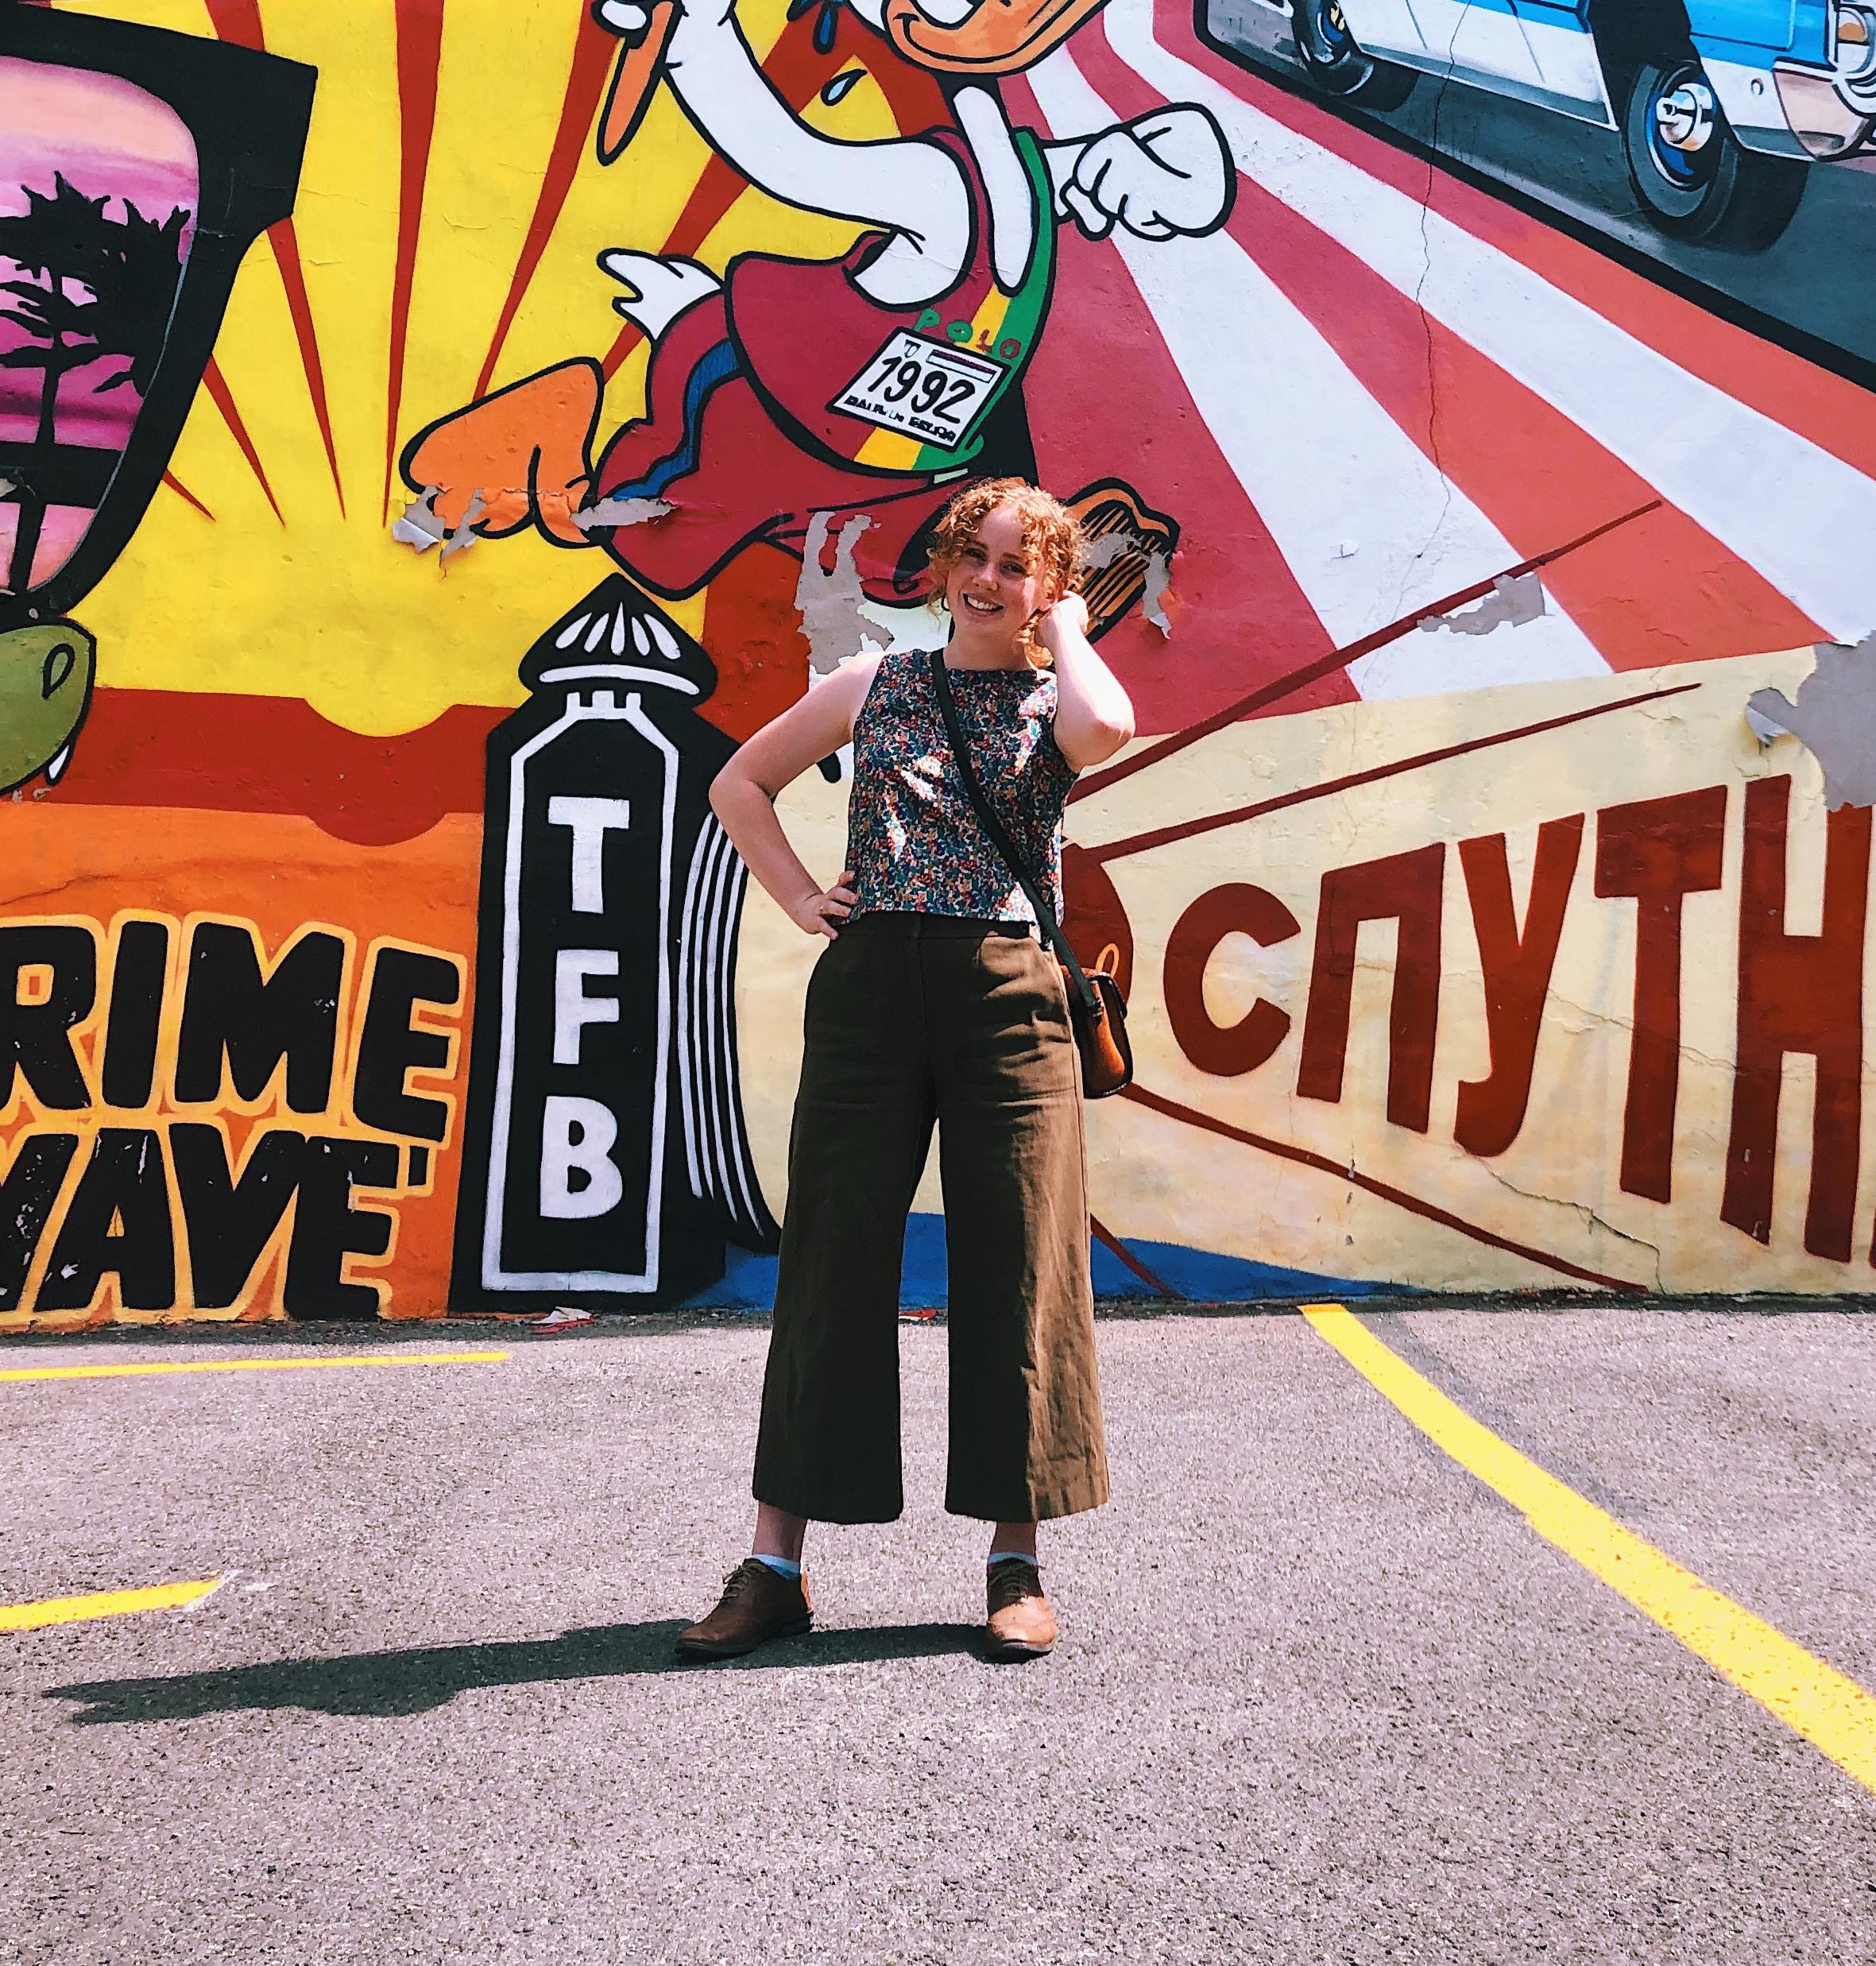 ethigirl_posing_mural.jpg